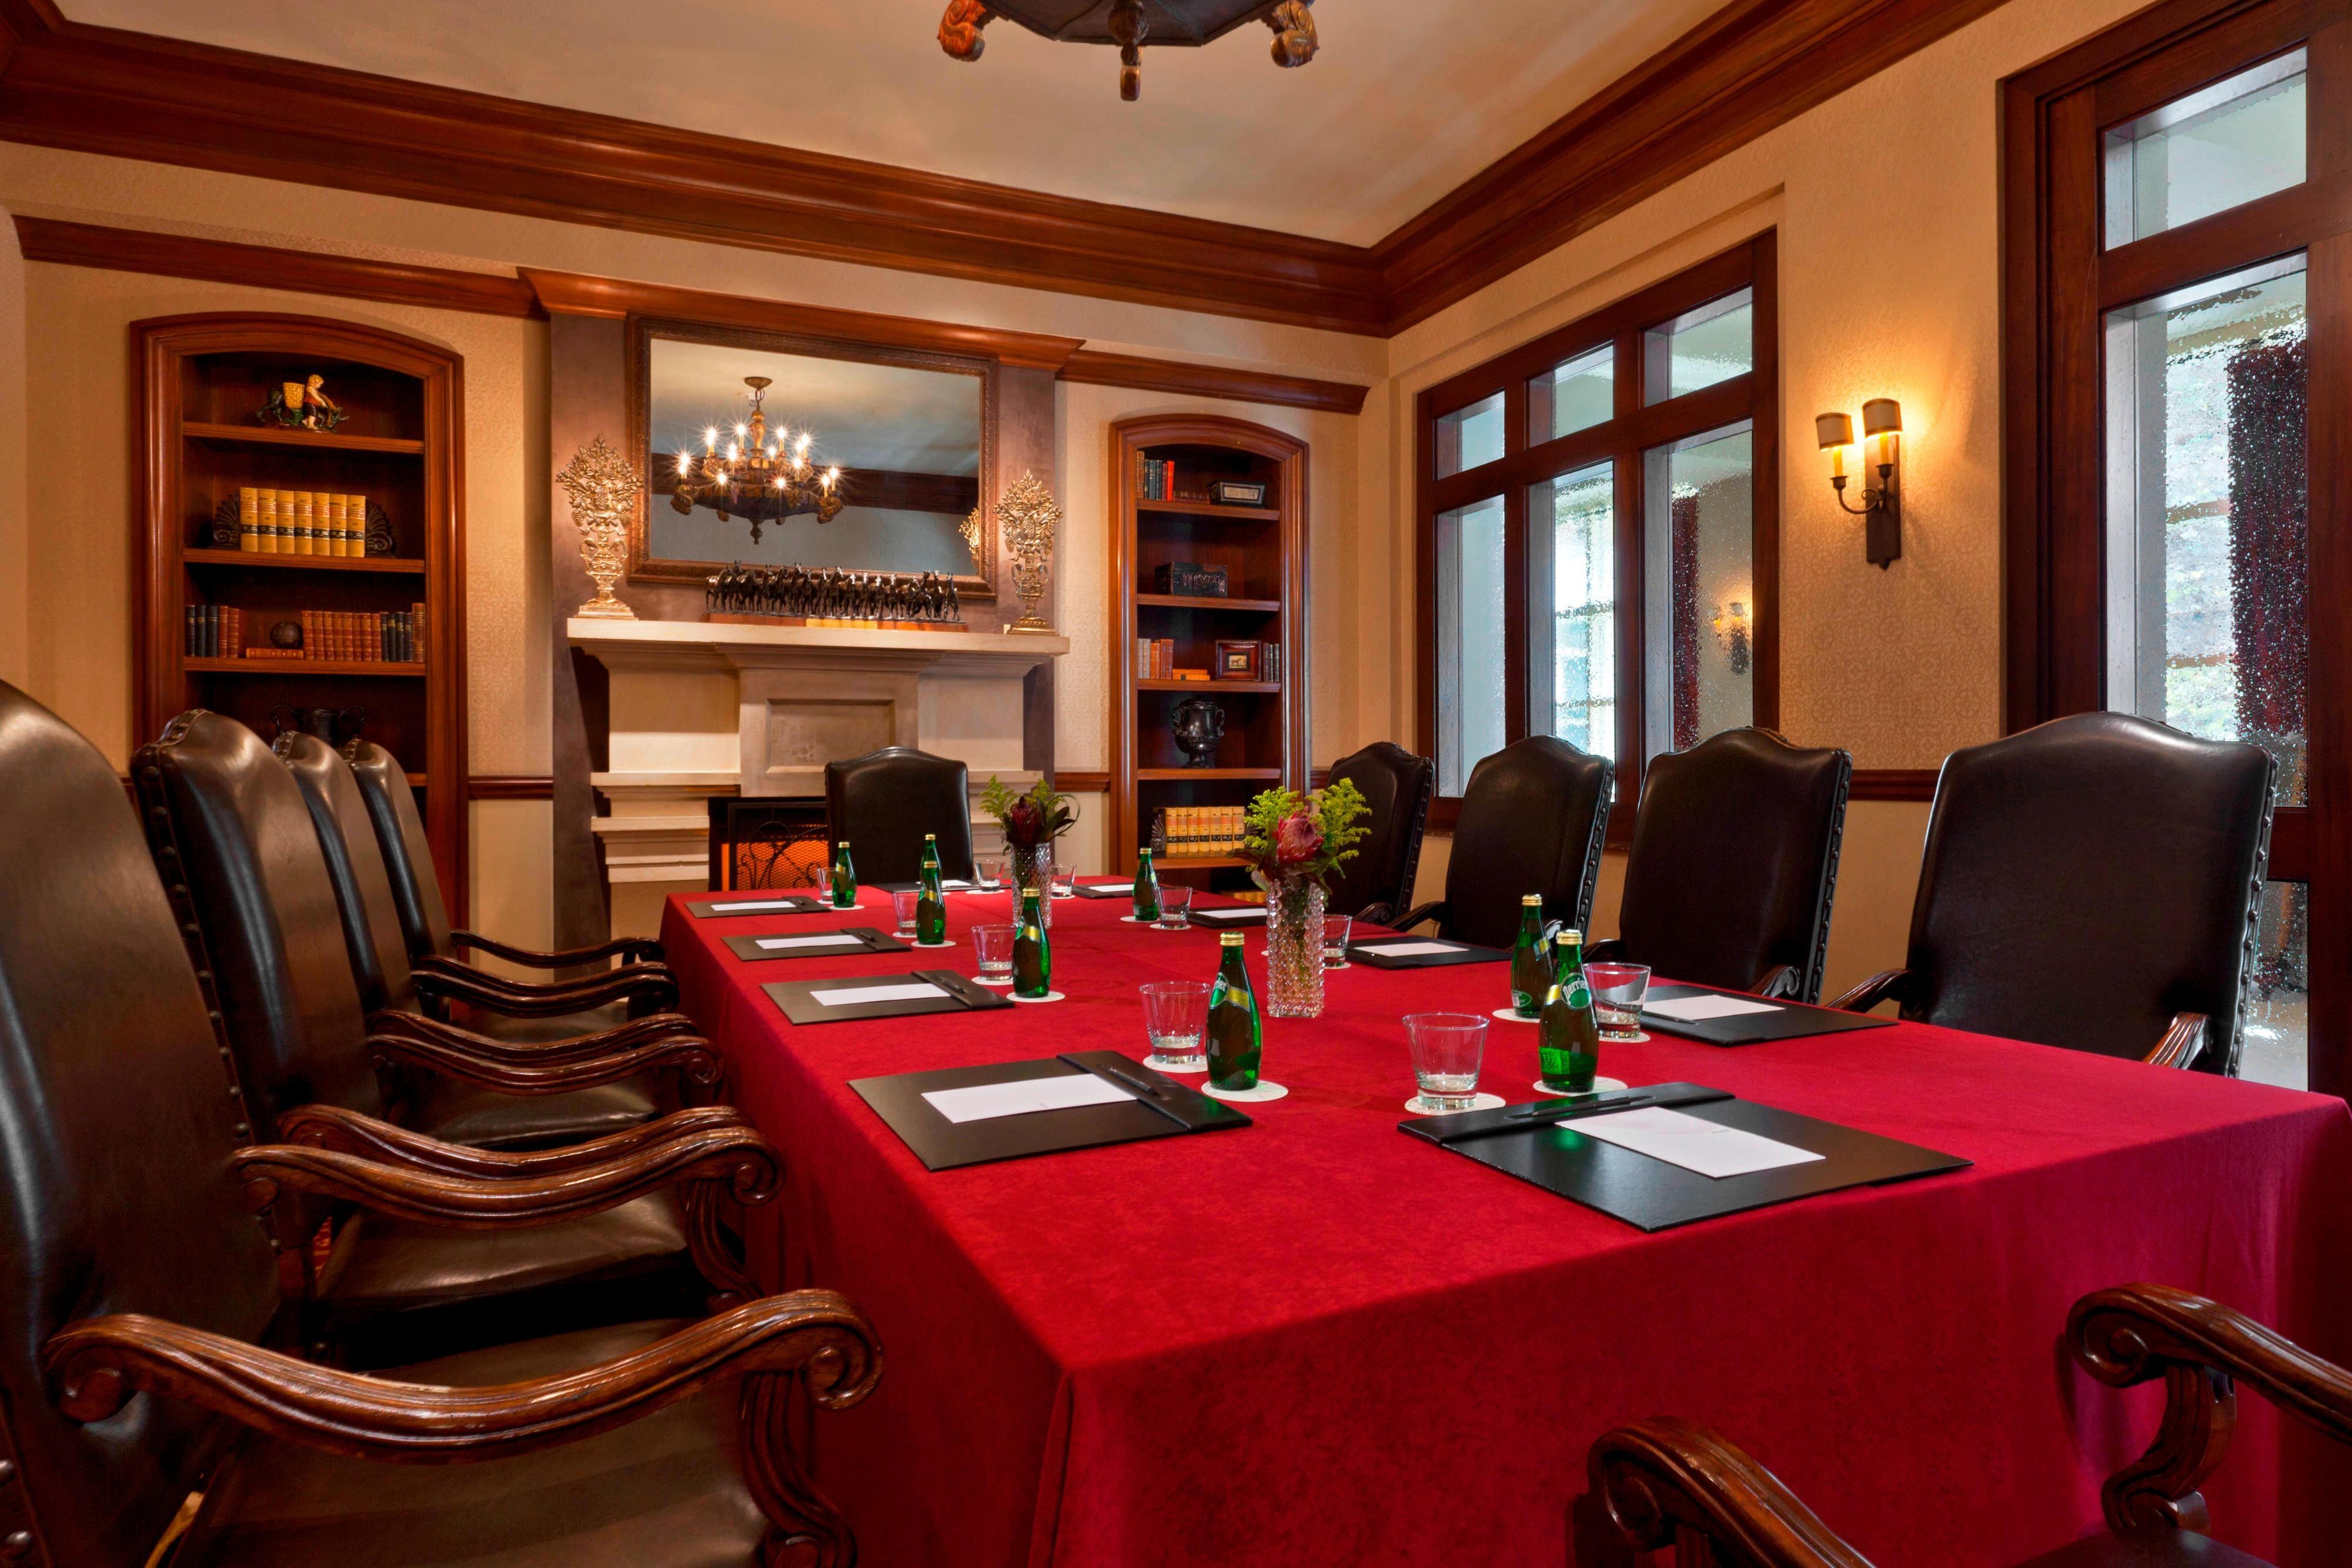 El Rincon - Boardroom setup